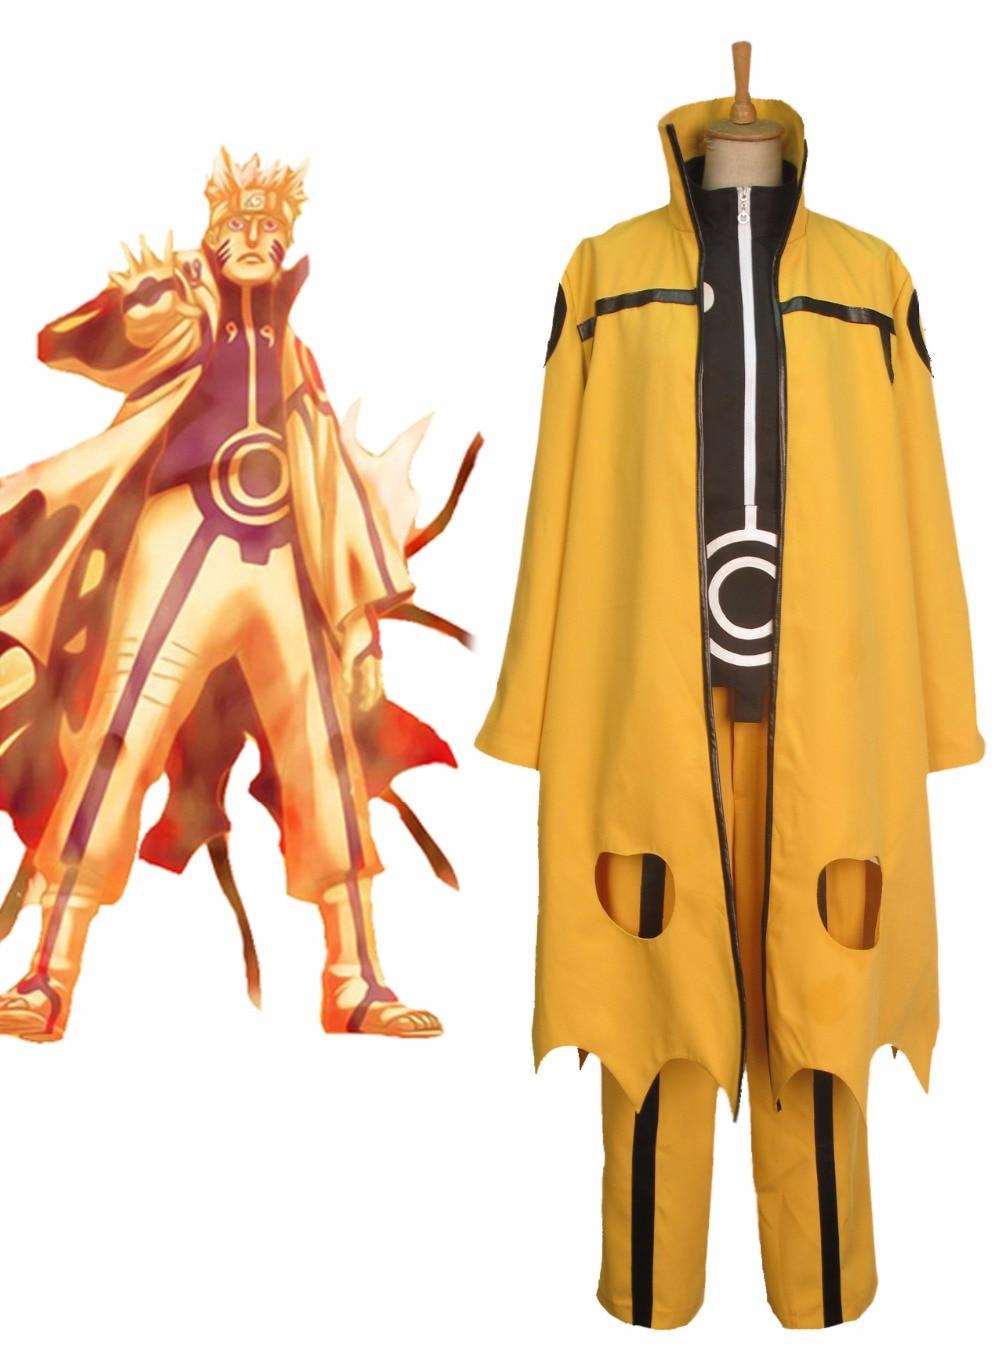 naruto uzumaki naruto nine tails chakra mode cosplay